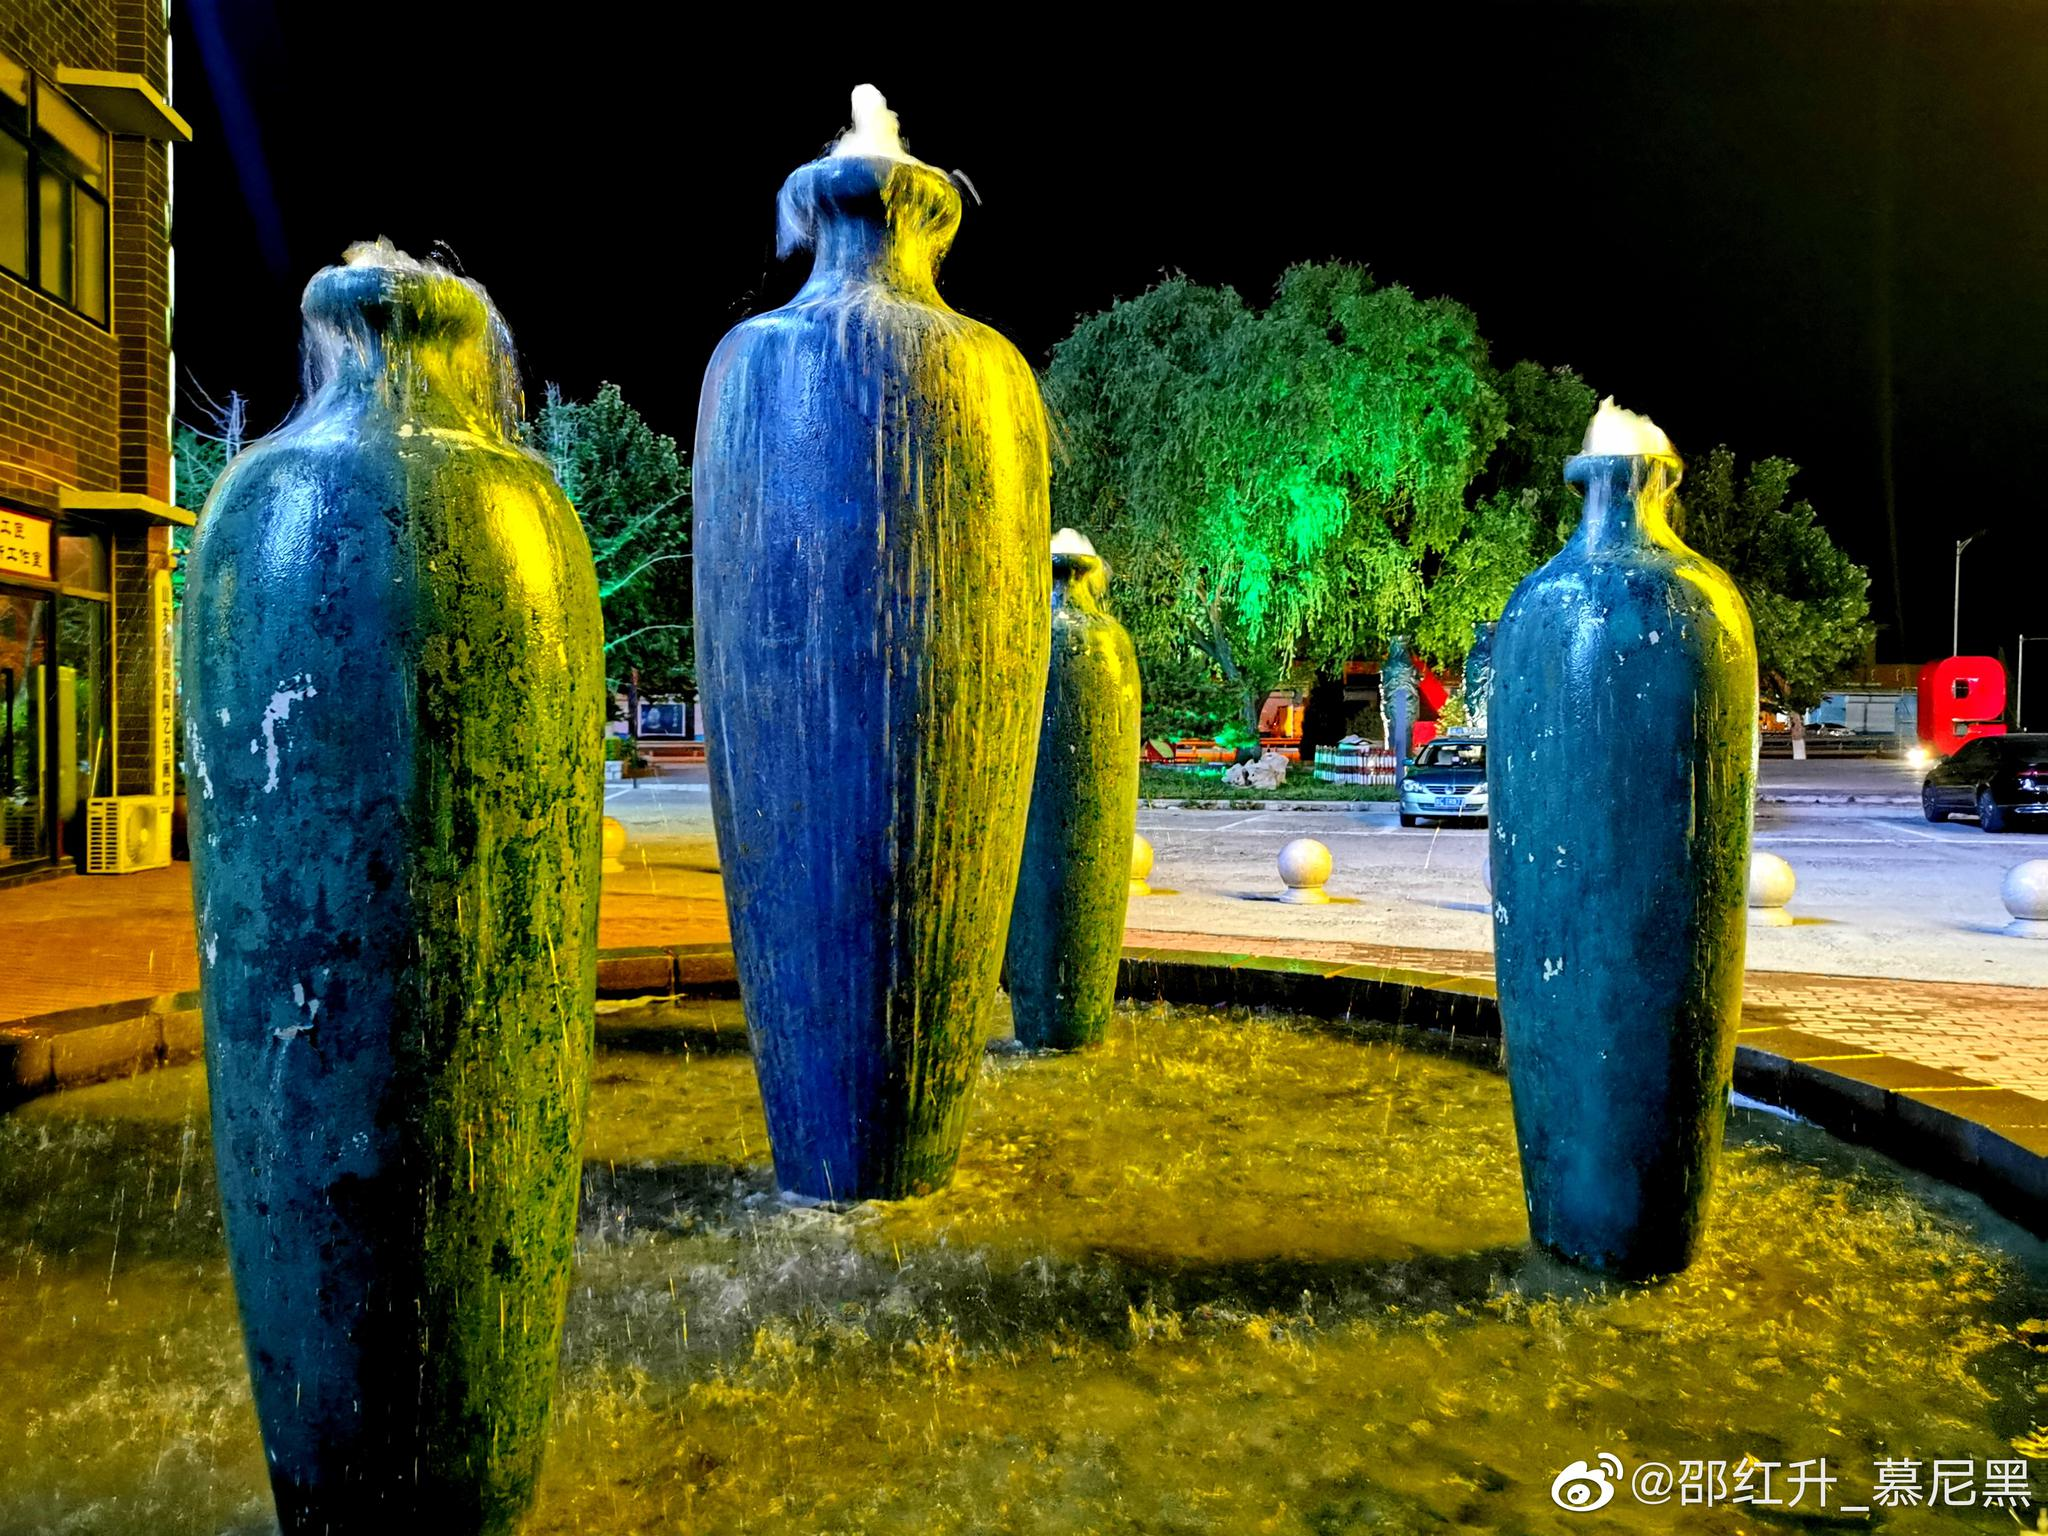 1954陶瓷文化创意园从生涩走向成熟